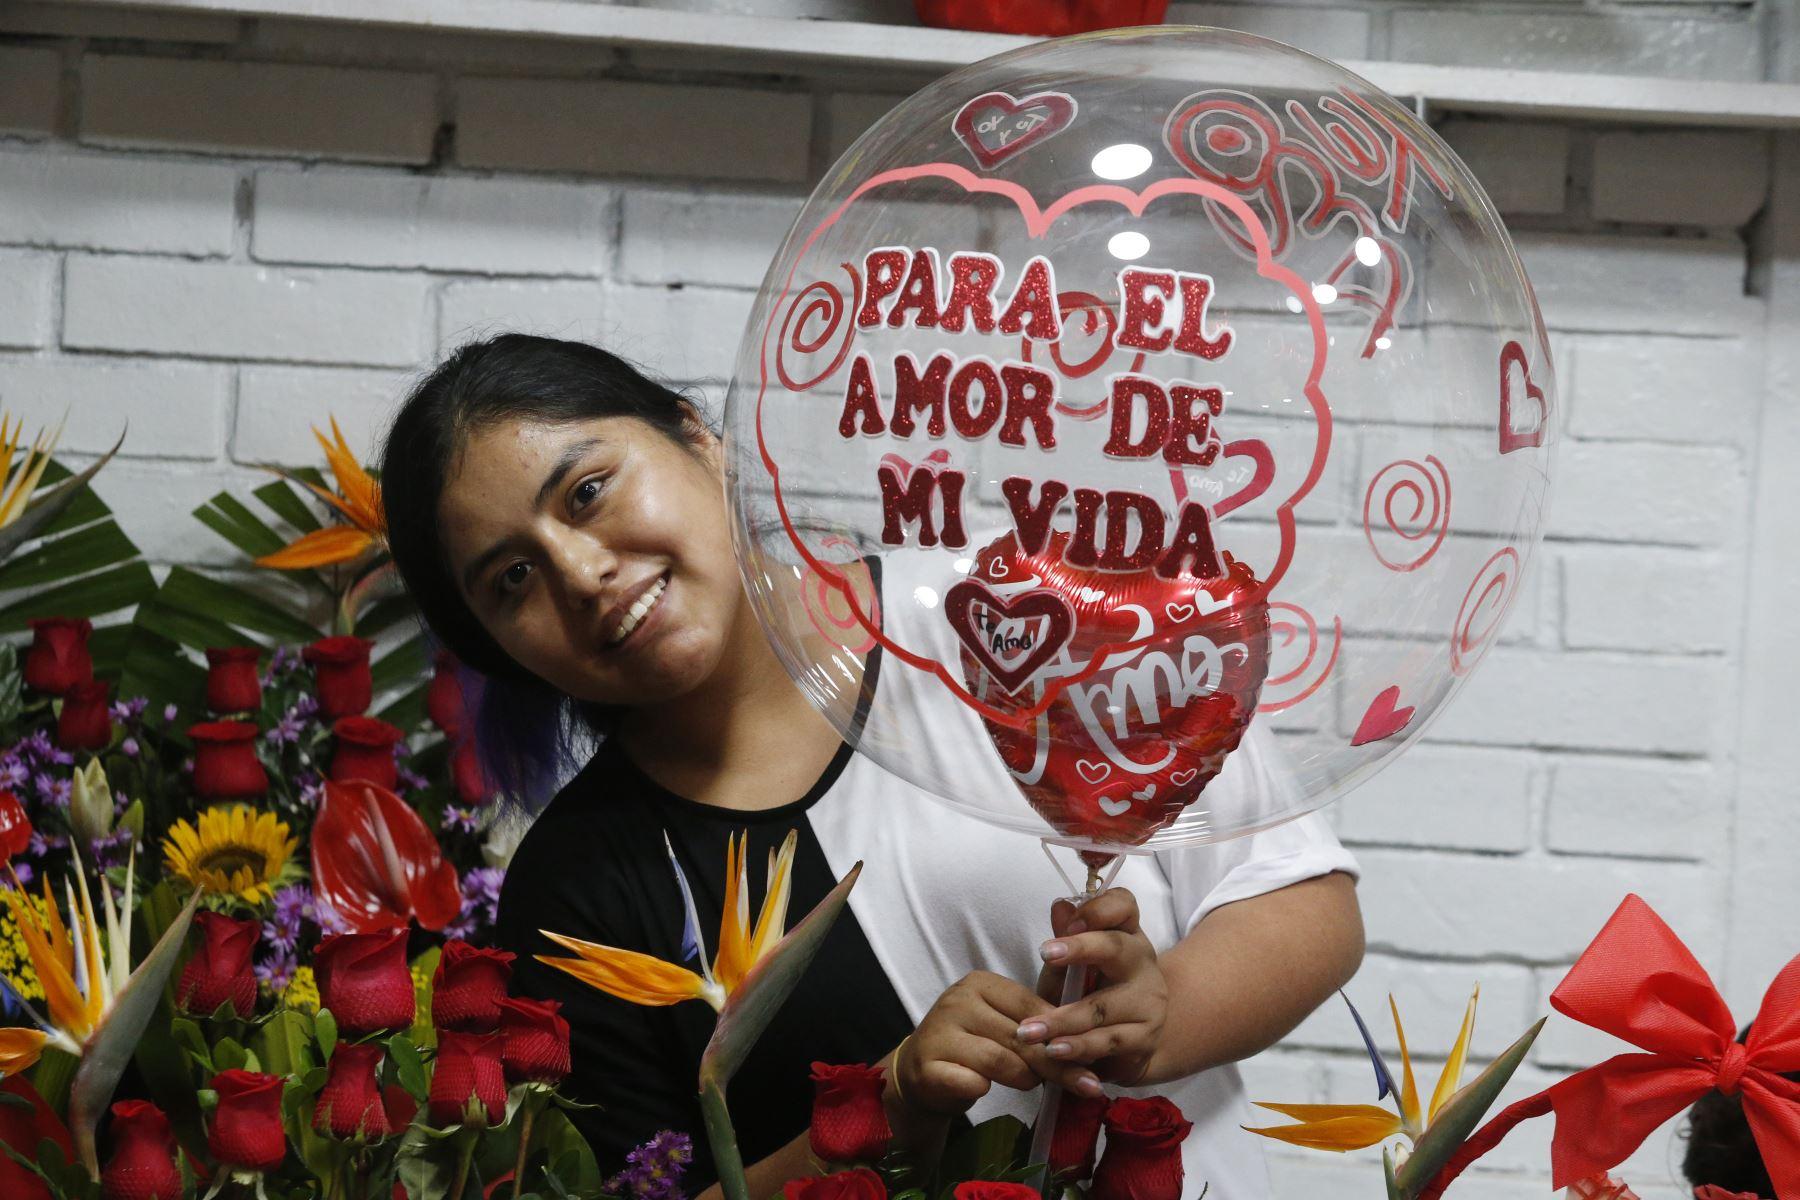 Limeños compran flores y peluches en el día de la amistad y el amor. Foto: ANDINA/Eddy Ramos